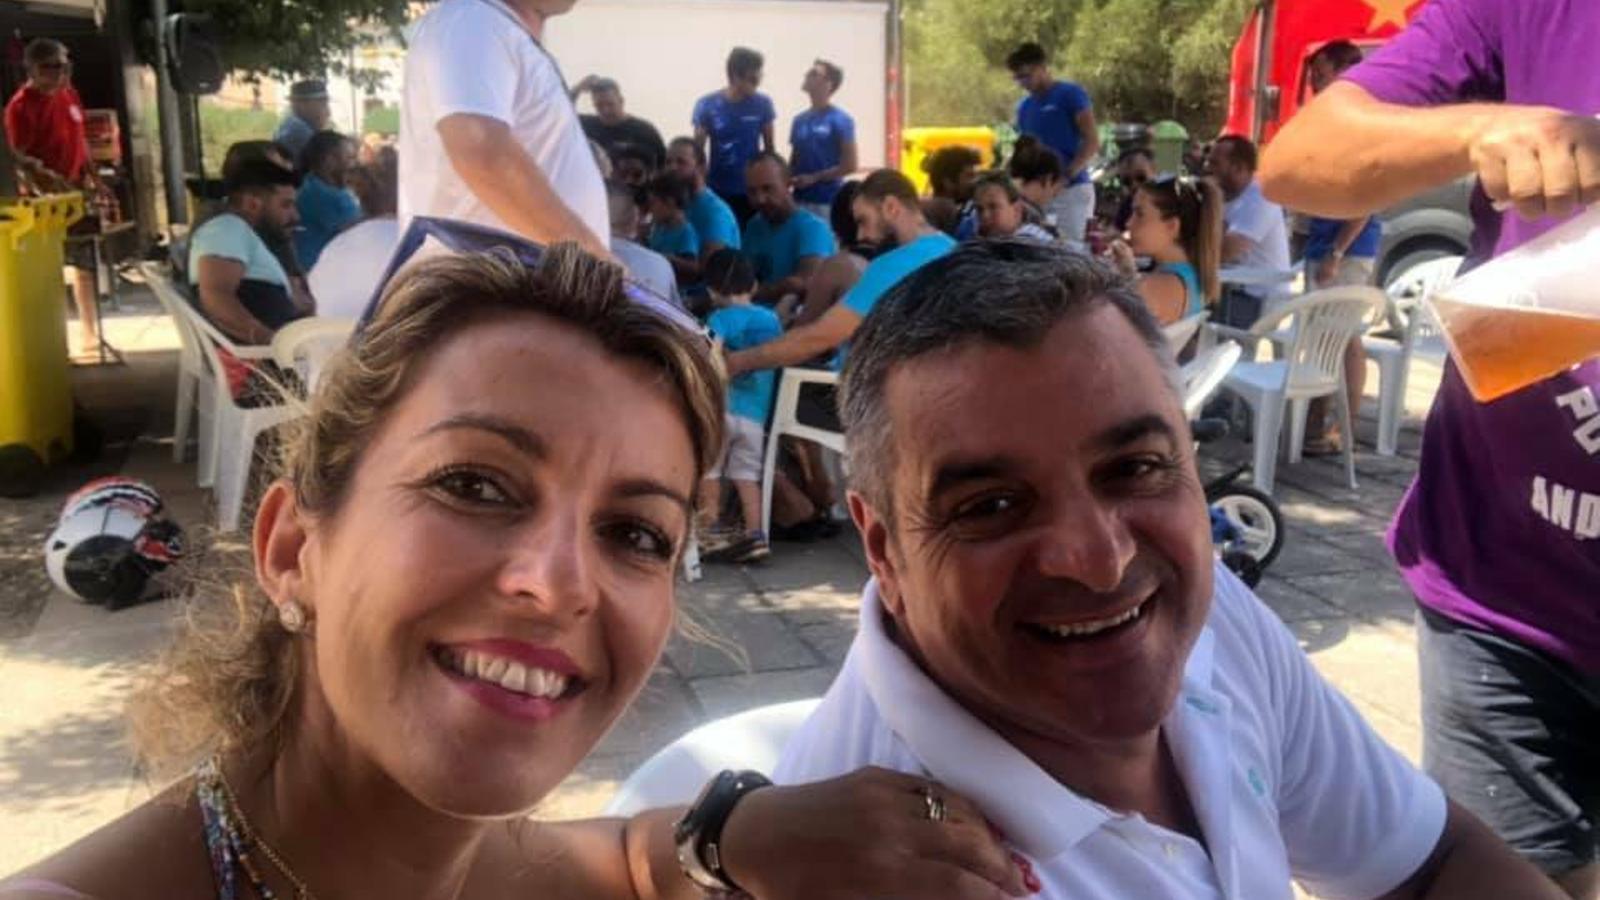 Estefanía Gonzalvo, amb l'exbatle d'Andratx, Jaume Porsell, en una imatge del PP andritxol a les xarxes socials